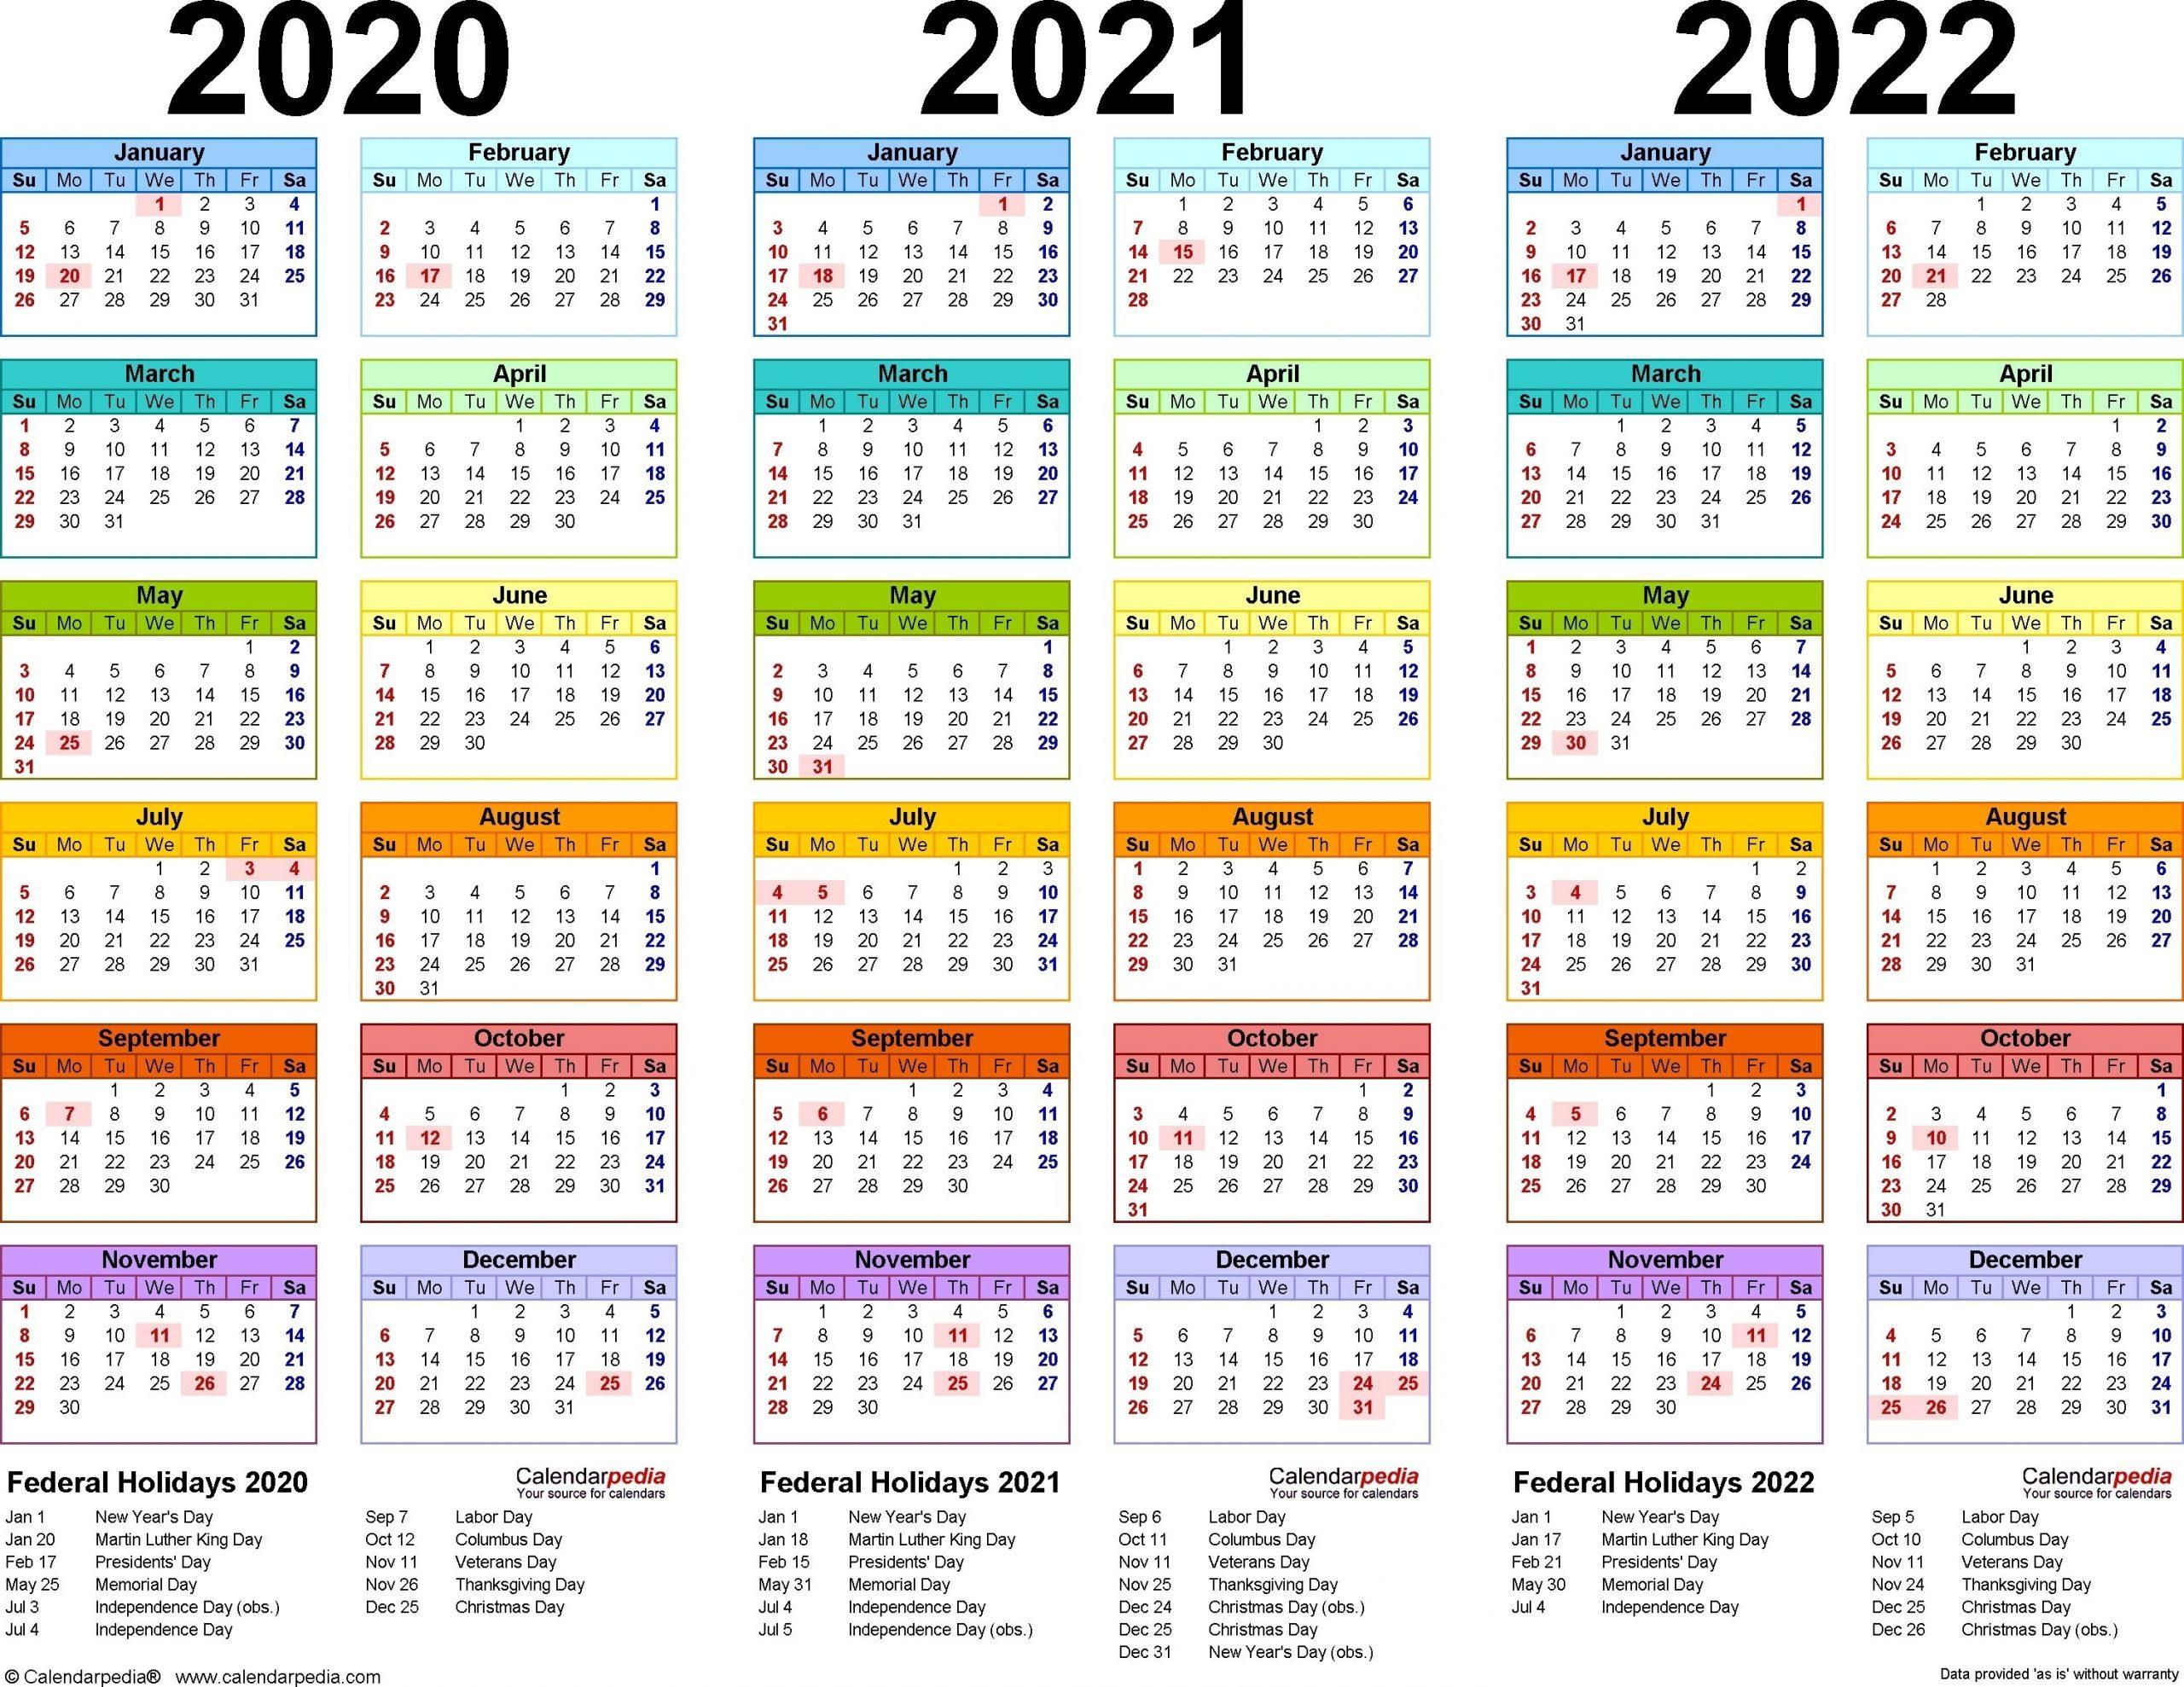 3 Year Calendar Planner In 2020 | Academic Calendar, School